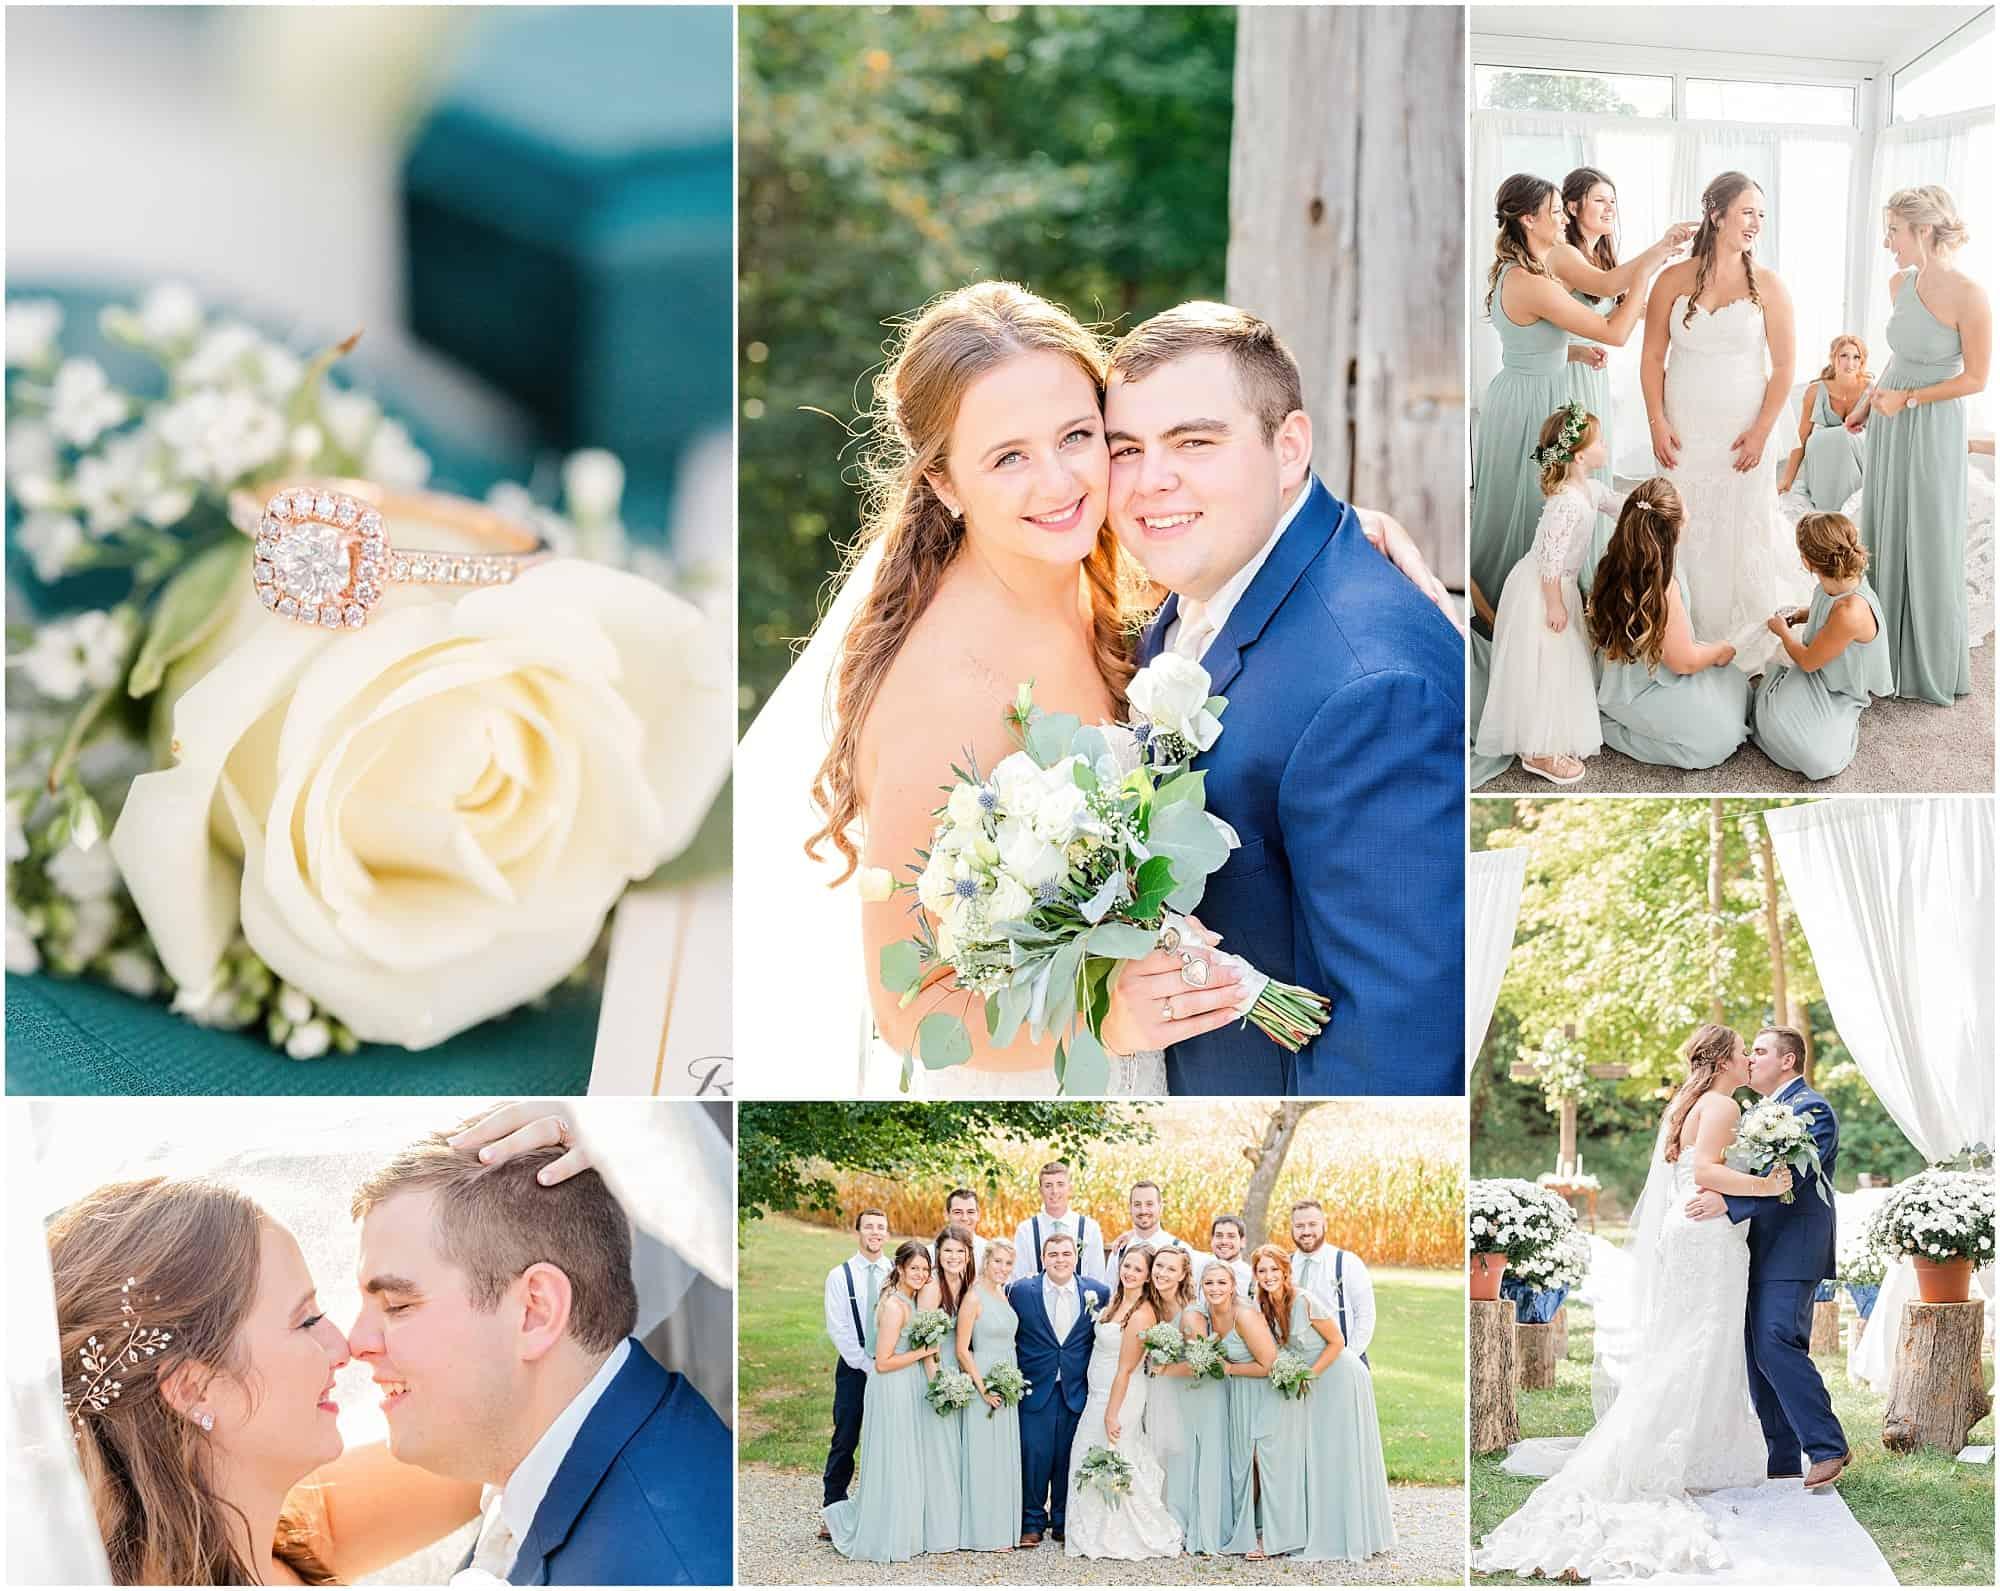 norwalk ohio wedding by tiffany murray